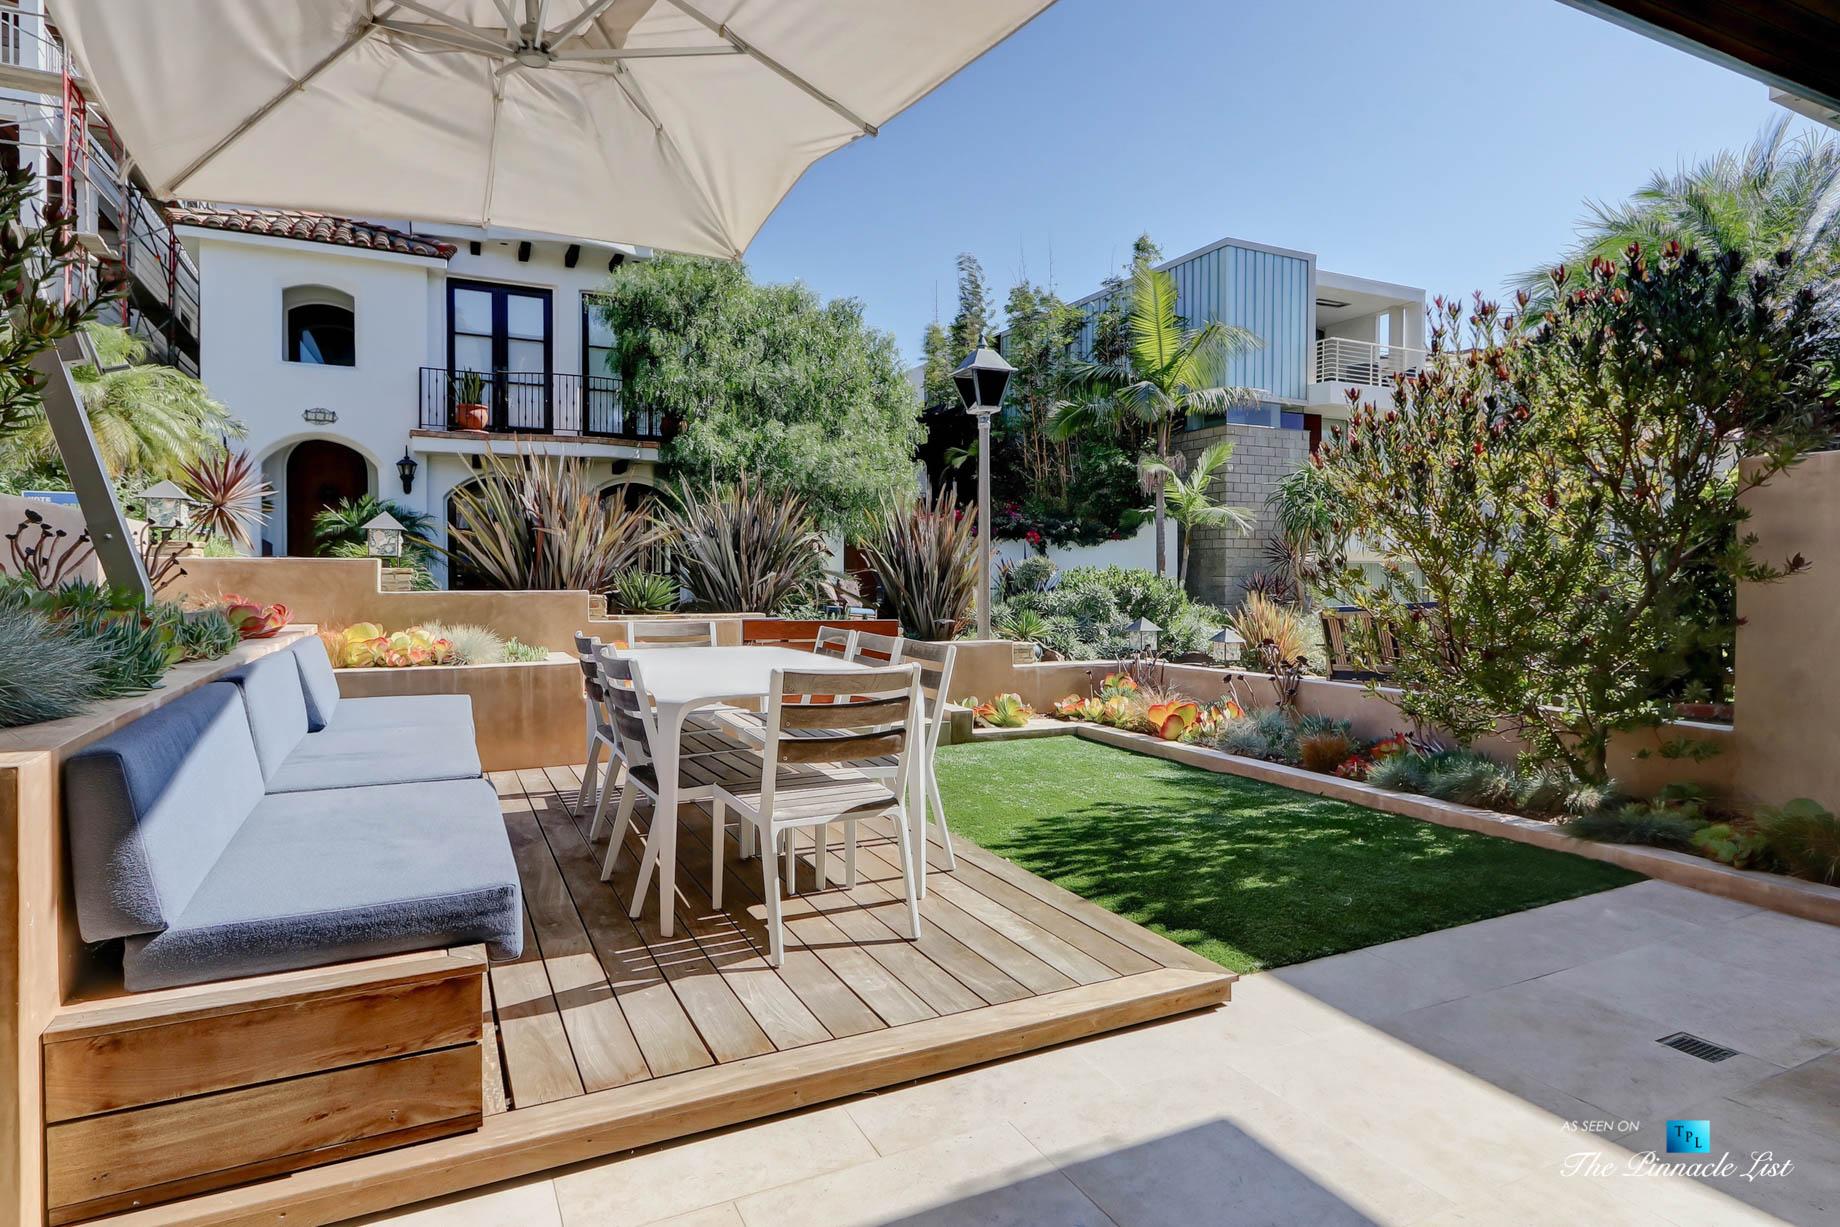 205 20th Street, Manhattan Beach, CA, USA – Patio and Yard – Luxury Real Estate – Ocean View Home